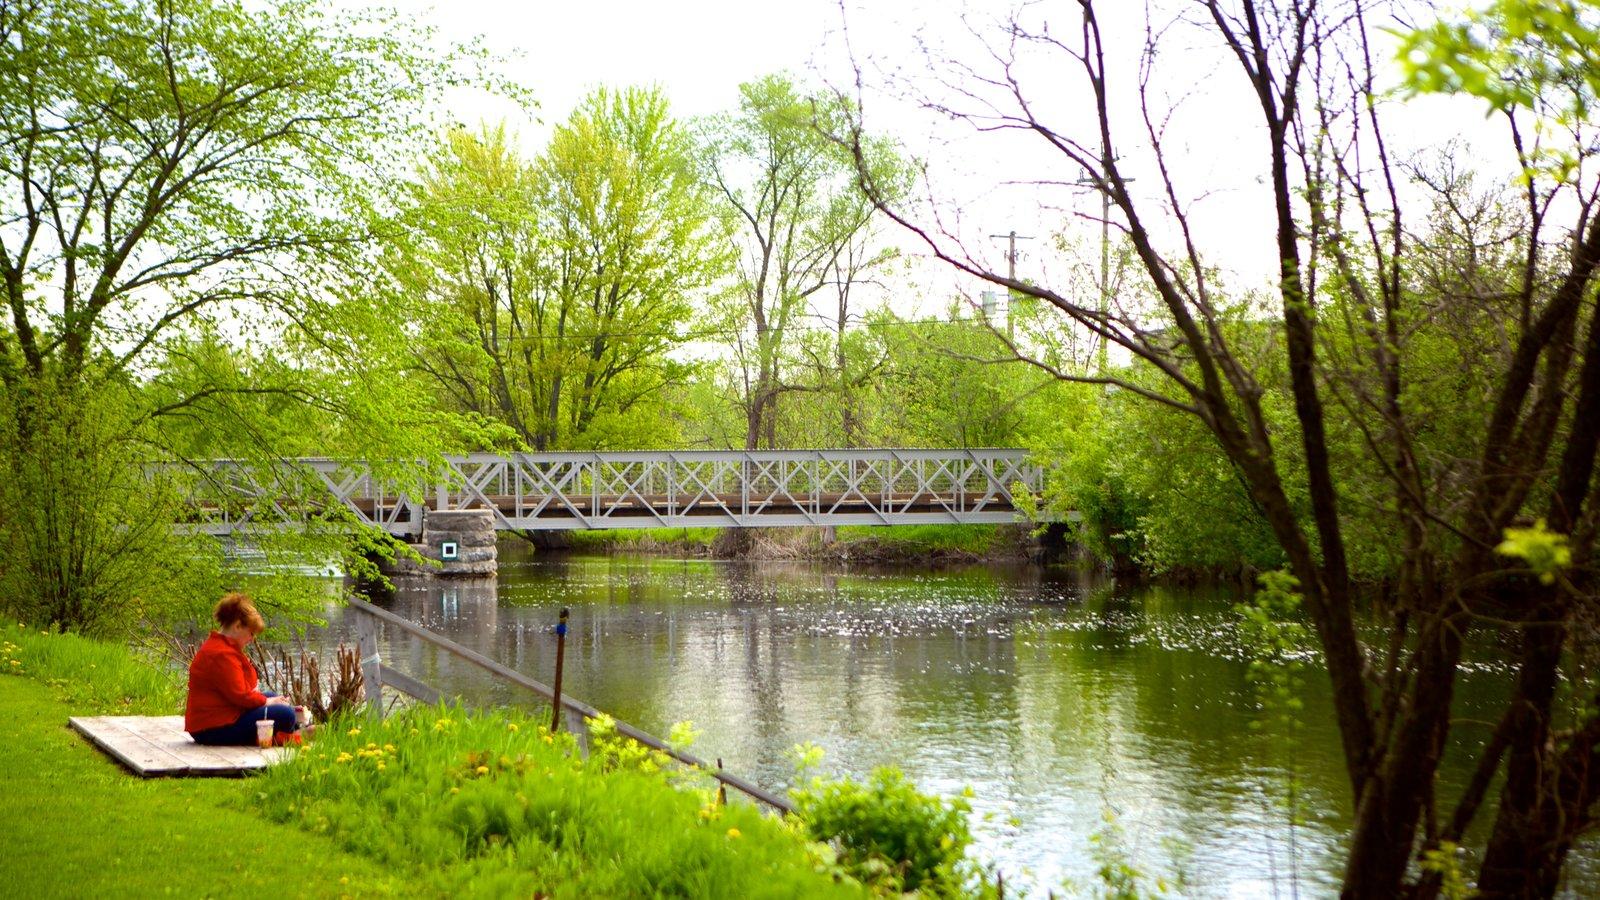 Perth que inclui uma ponte e um rio ou córrego assim como uma mulher sozinha